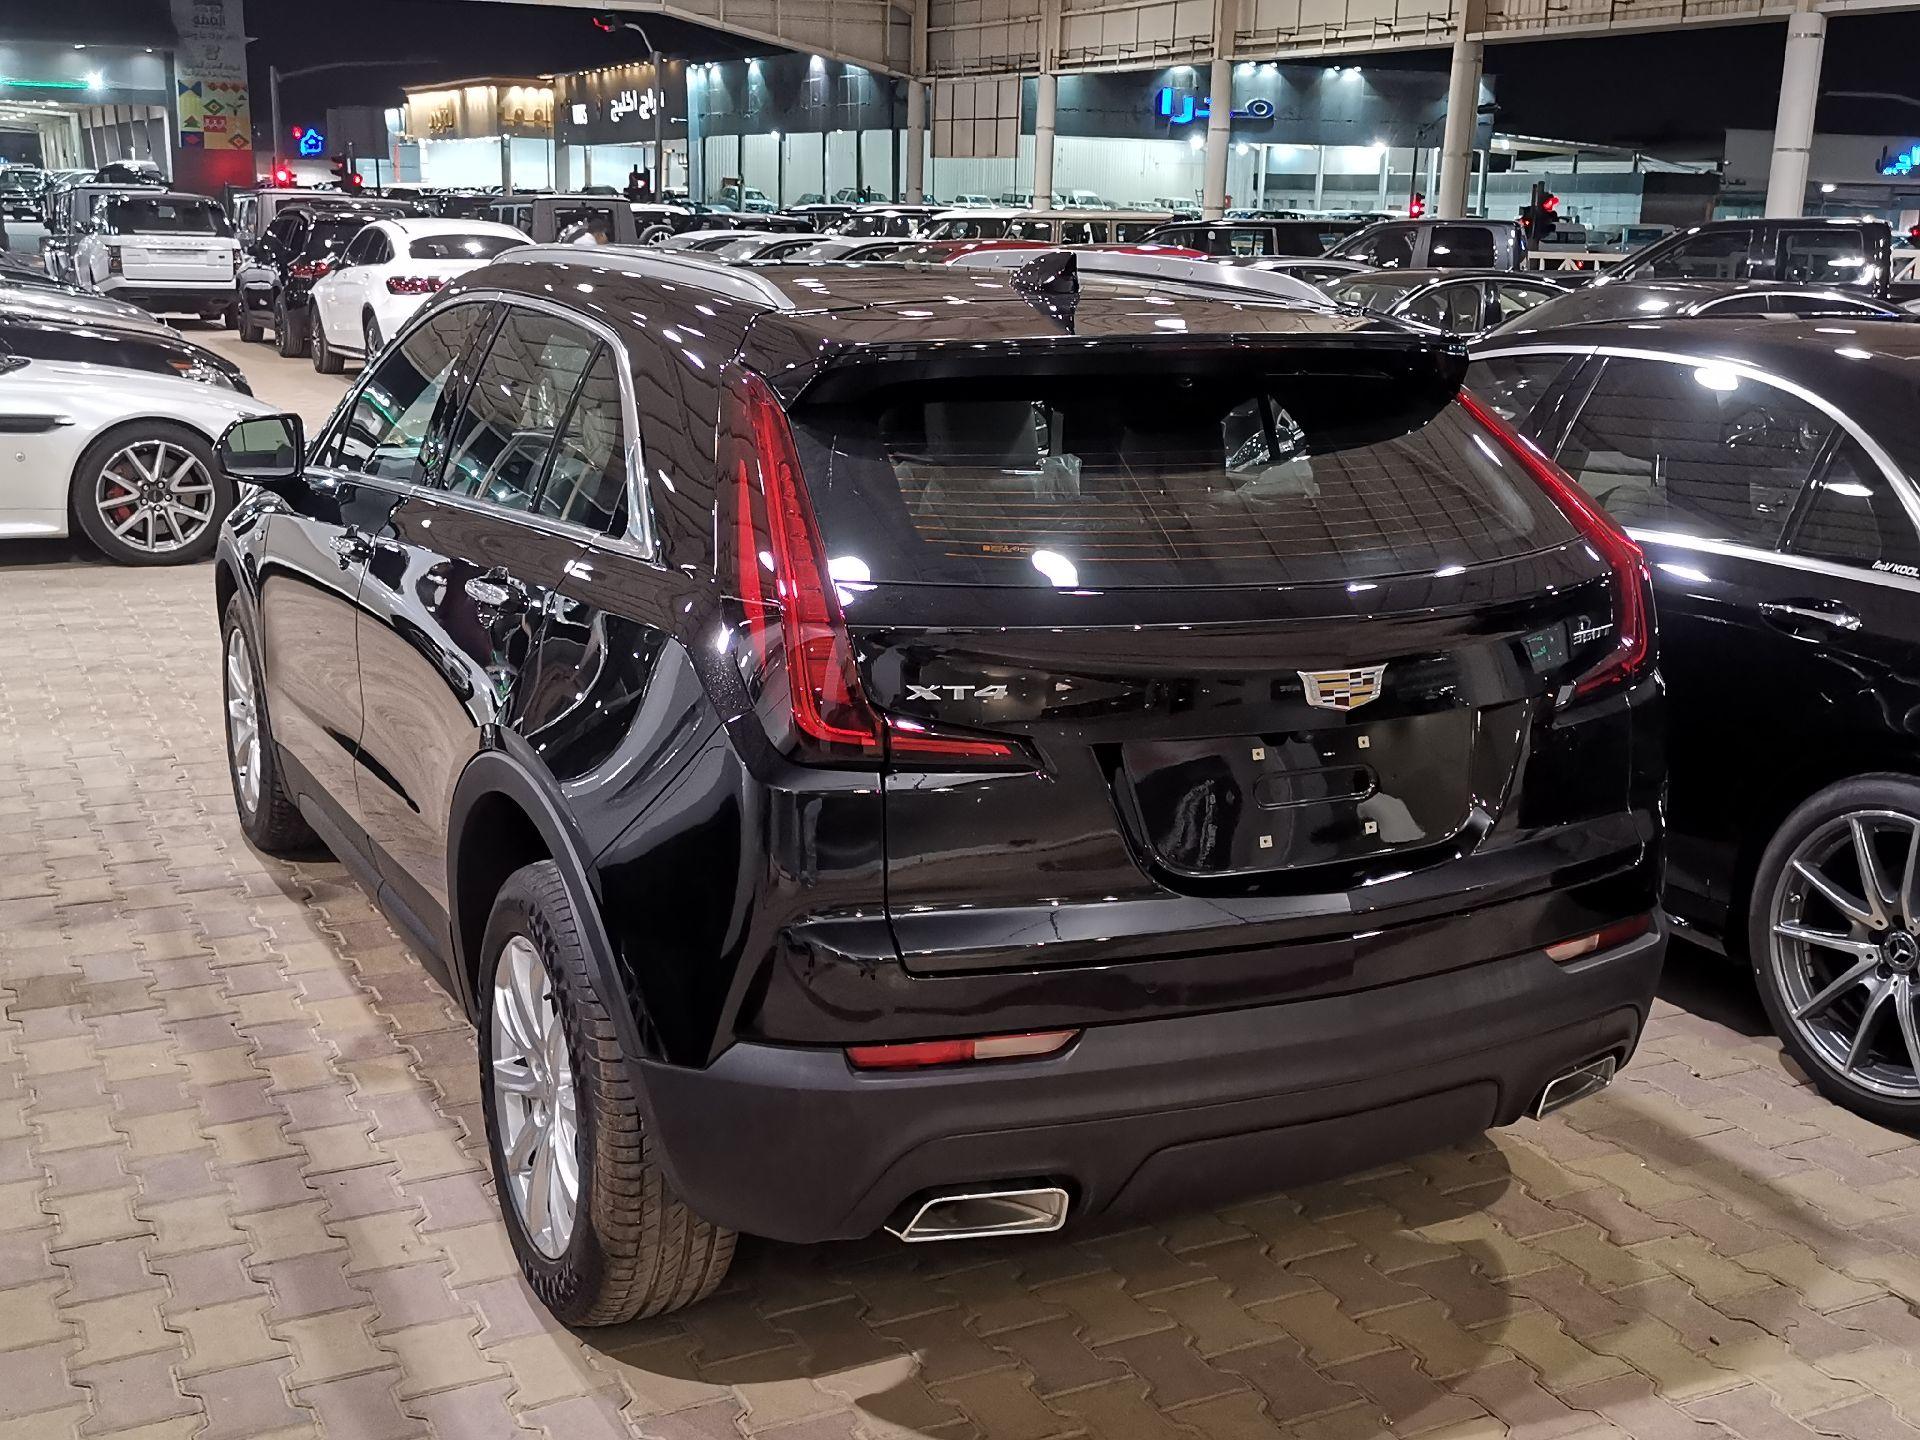 كاديلاك XT4  نص فل 2020 خليجي جديد للبيع في الرياض - السعودية - صورة كبيرة - 4